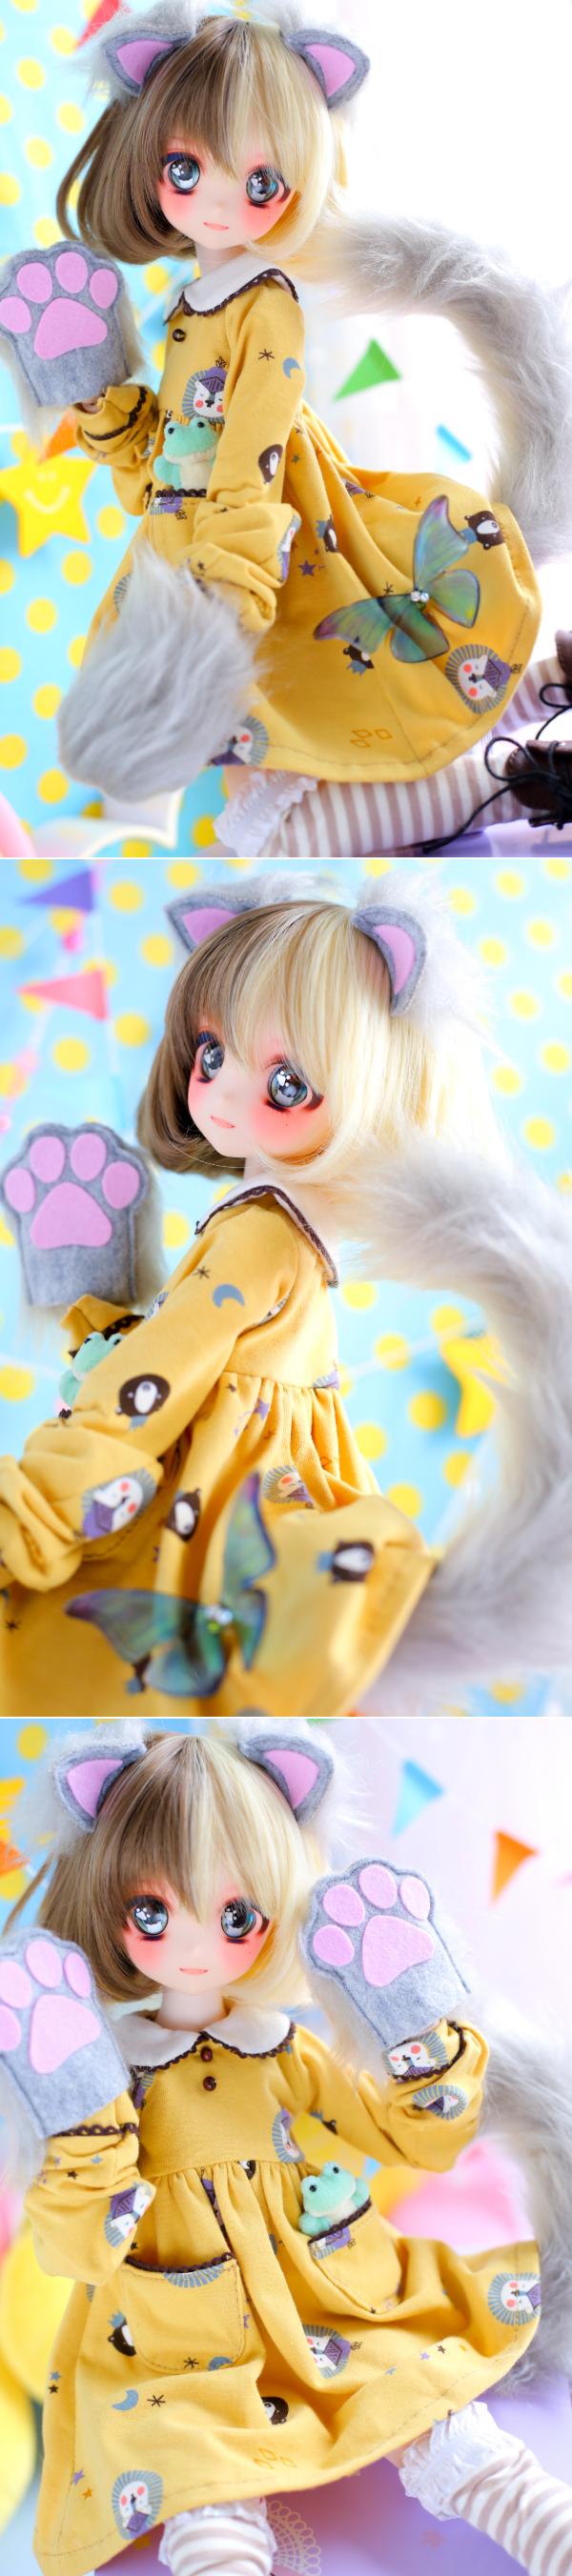 ヤフオク054DWC-01三毛猫ちゃんまとめ02